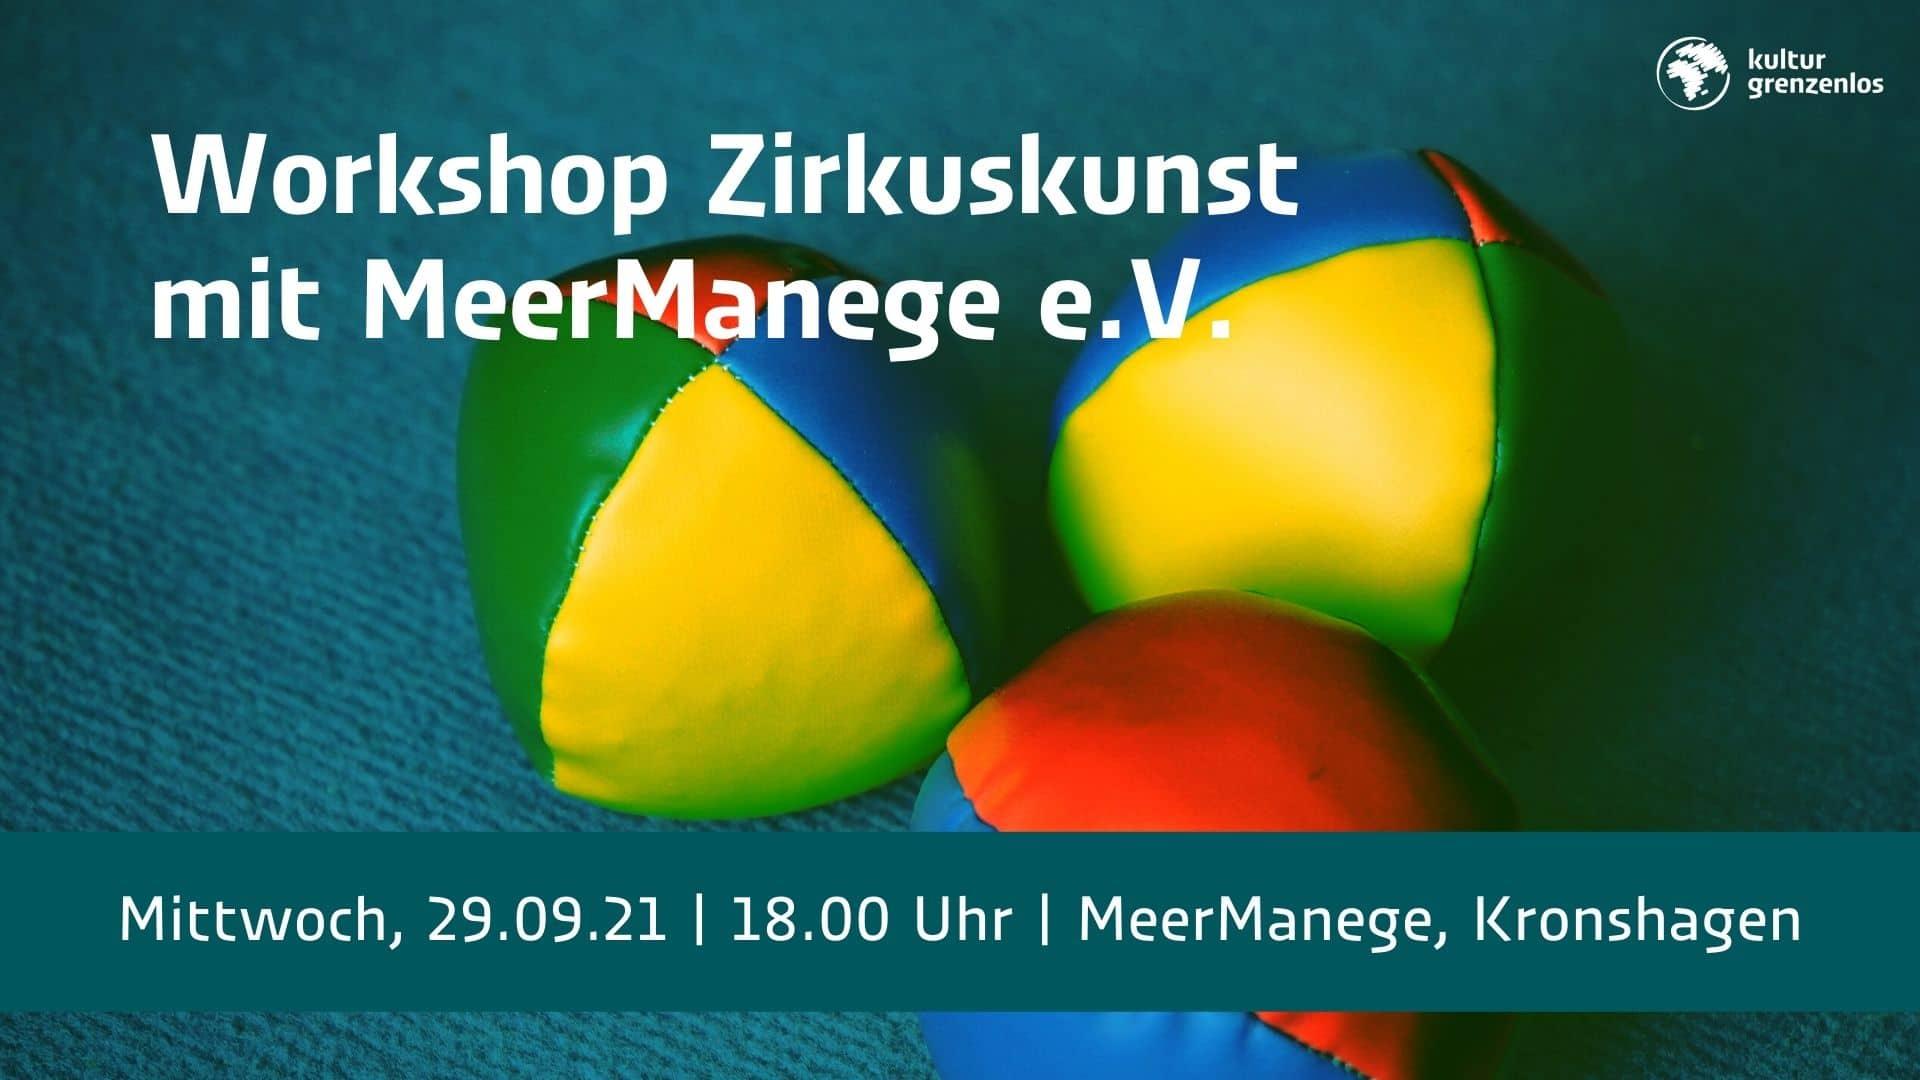 Zirkus-Workshop am 29.09.21